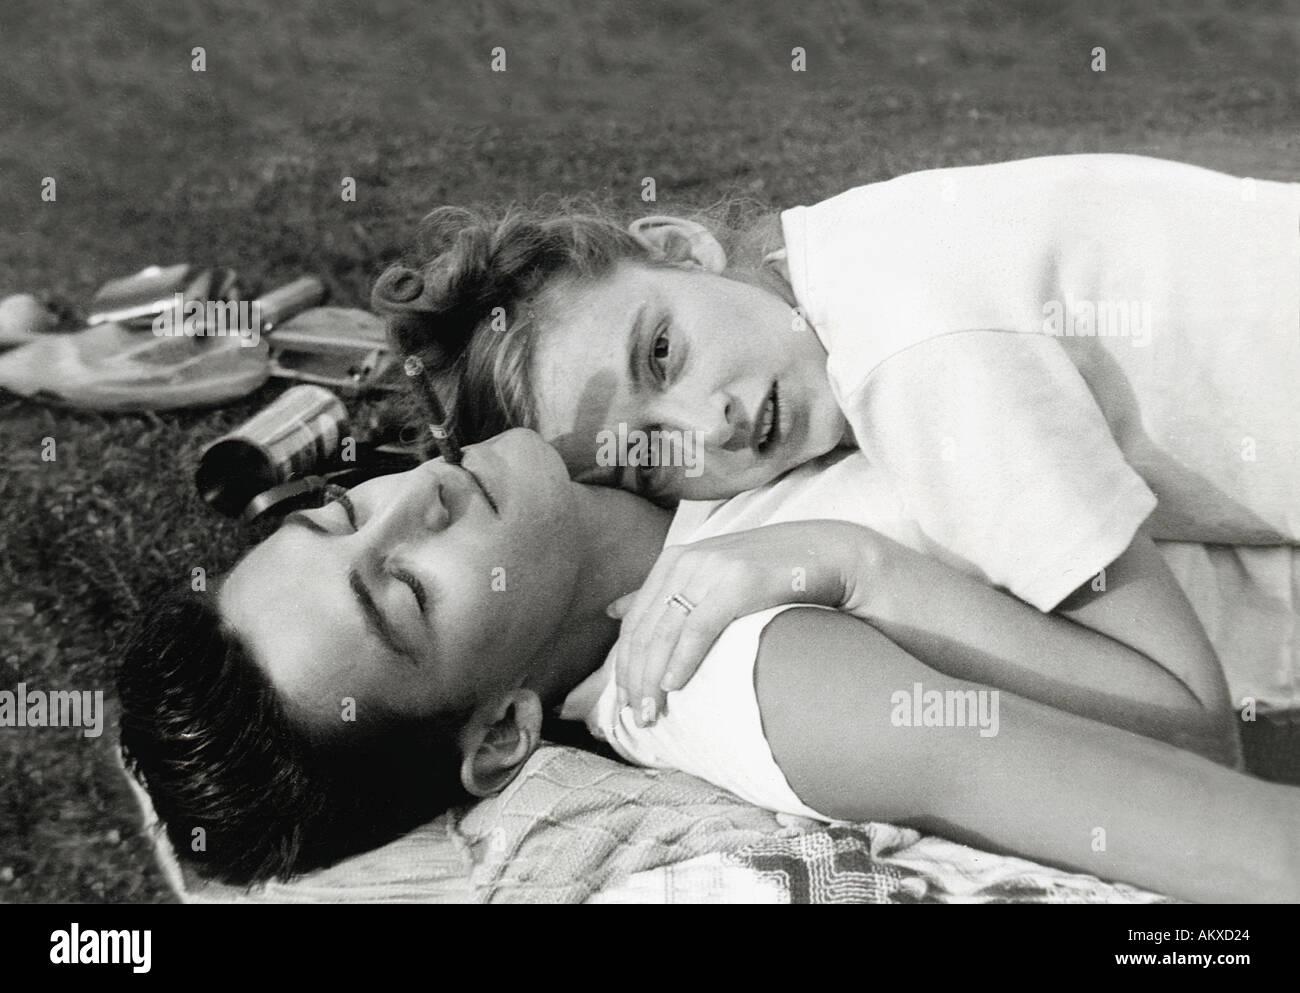 Retro-junges Paar. Stockbild